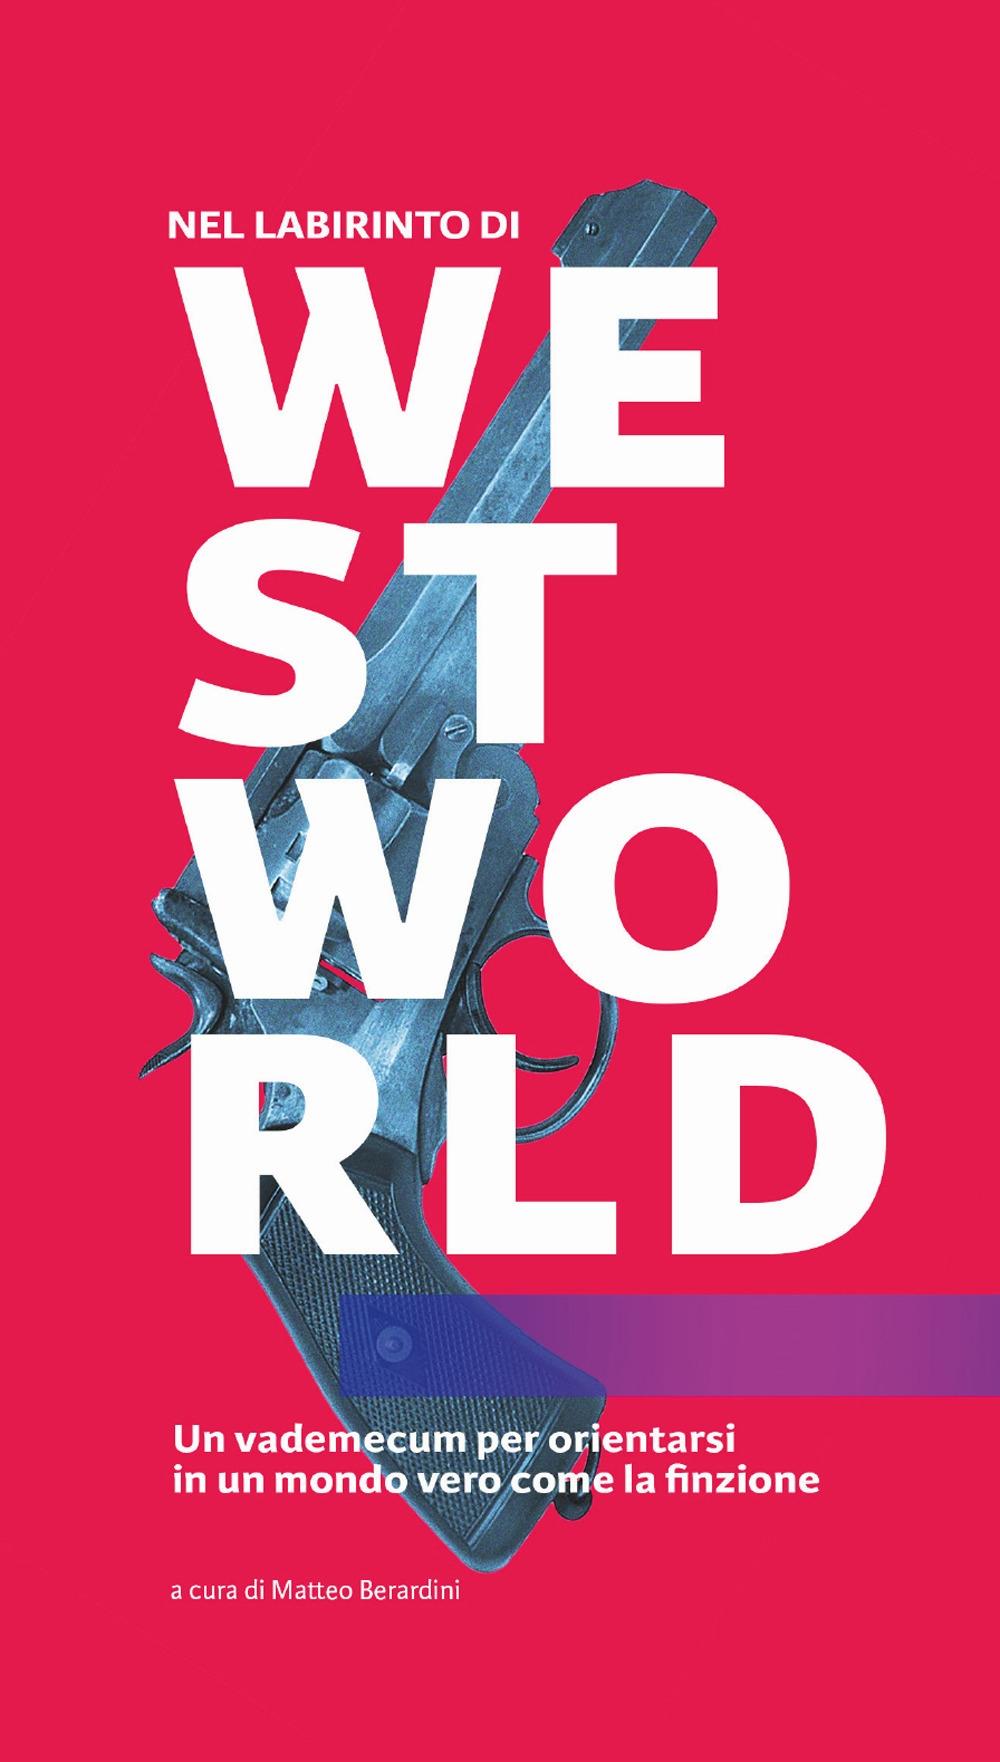 Nel labirinto di Westworld. Un vademecum per orientarsi in un mondo vero come la finzione